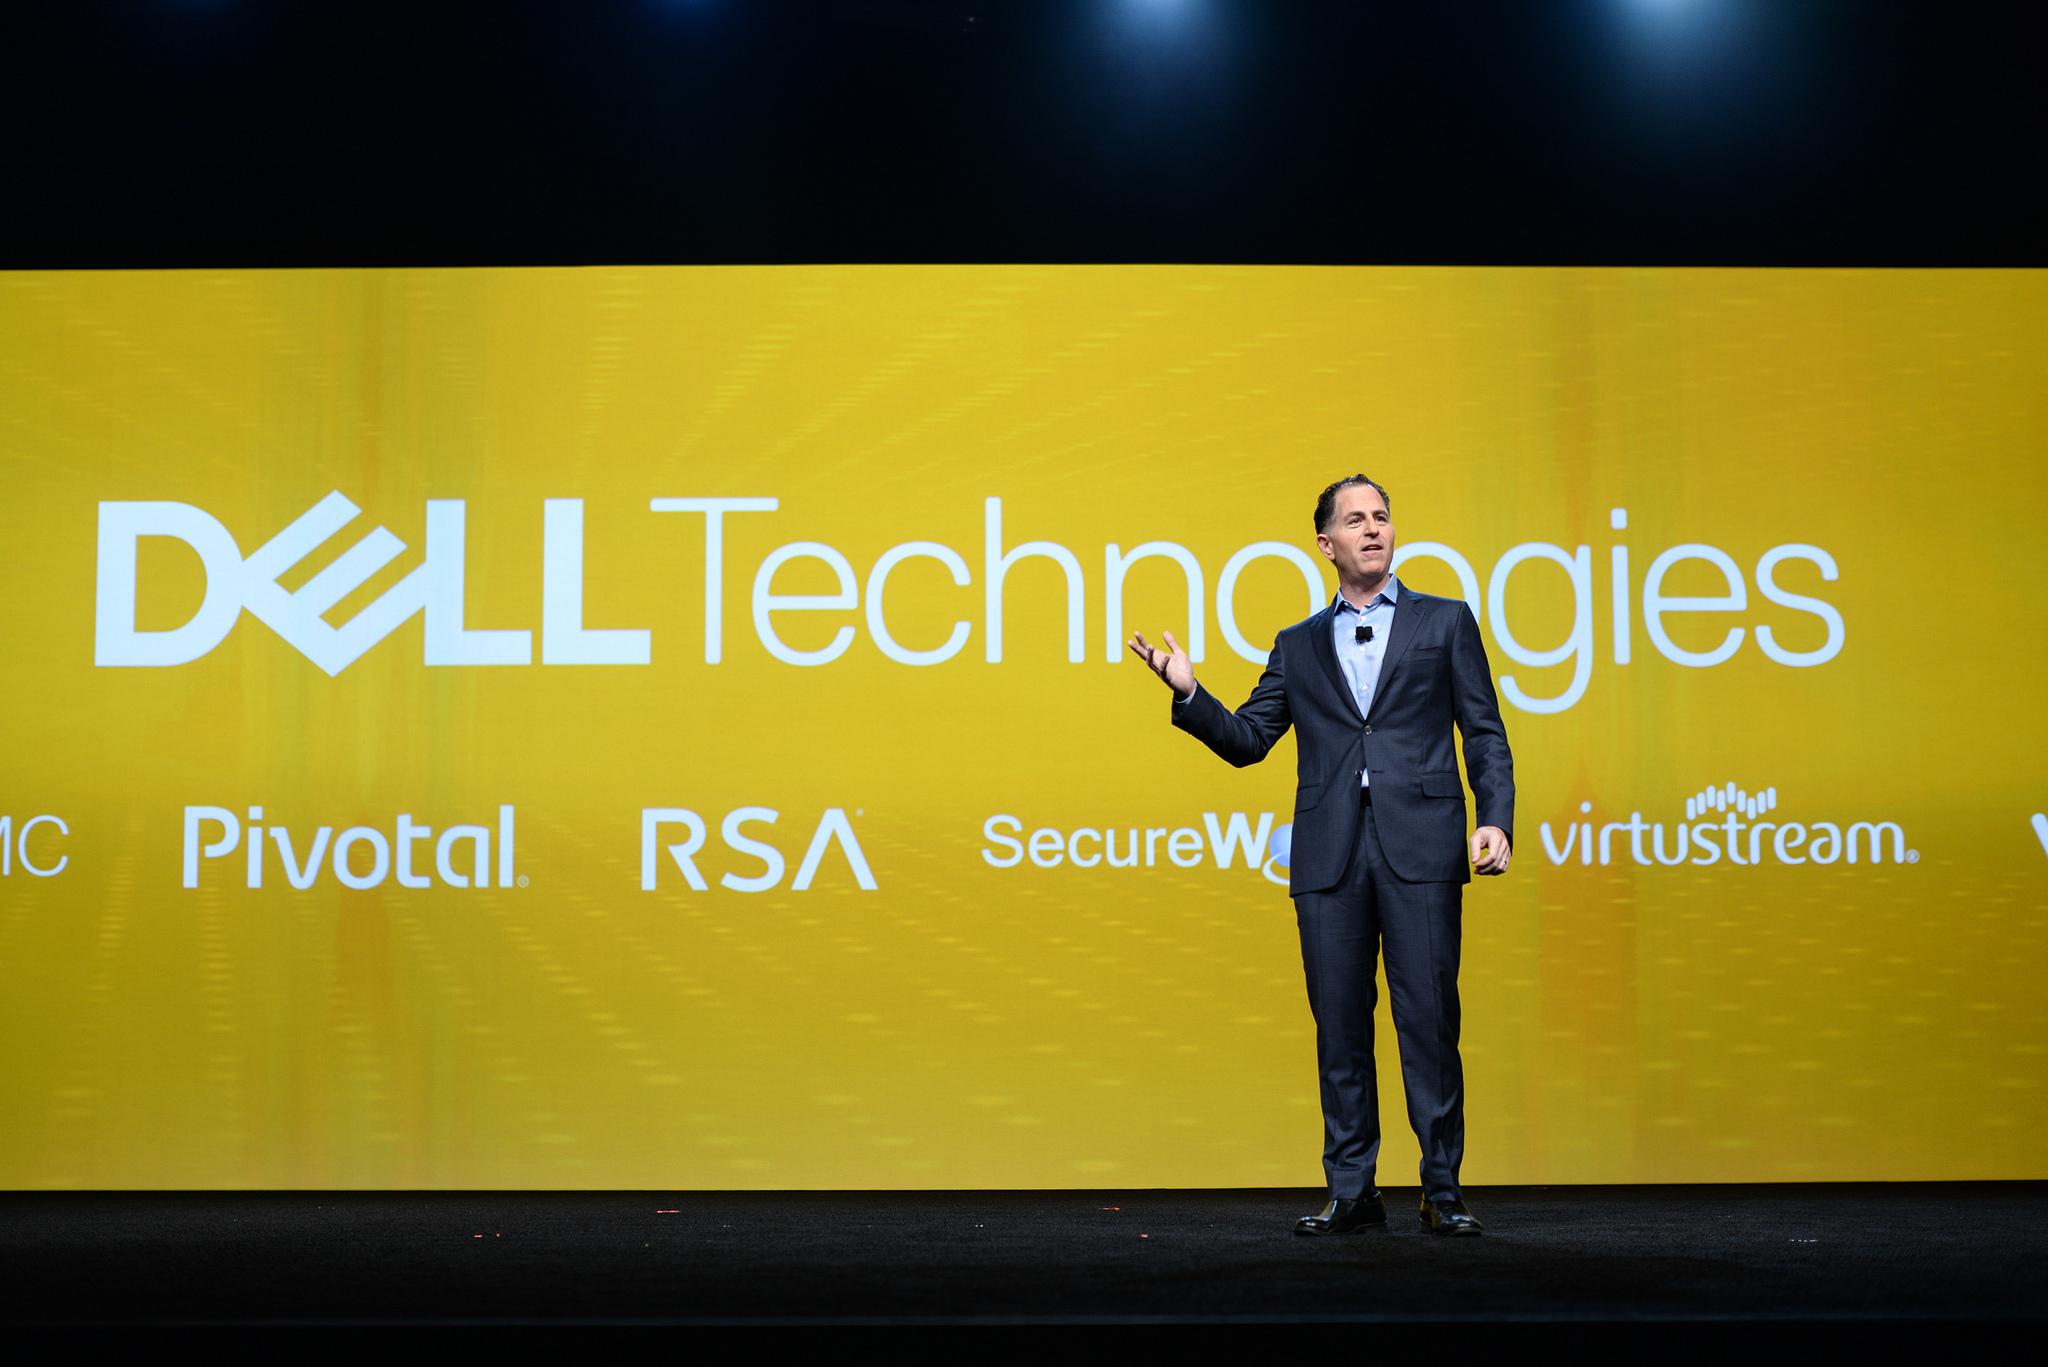 Yeni IoT departmanıyla ürün ve hizmetlerini düzenleyen Dell Technologies, yeni IoT çağında 'Dağıtık Bilişim'in geri dönüşünü müjdeliyor